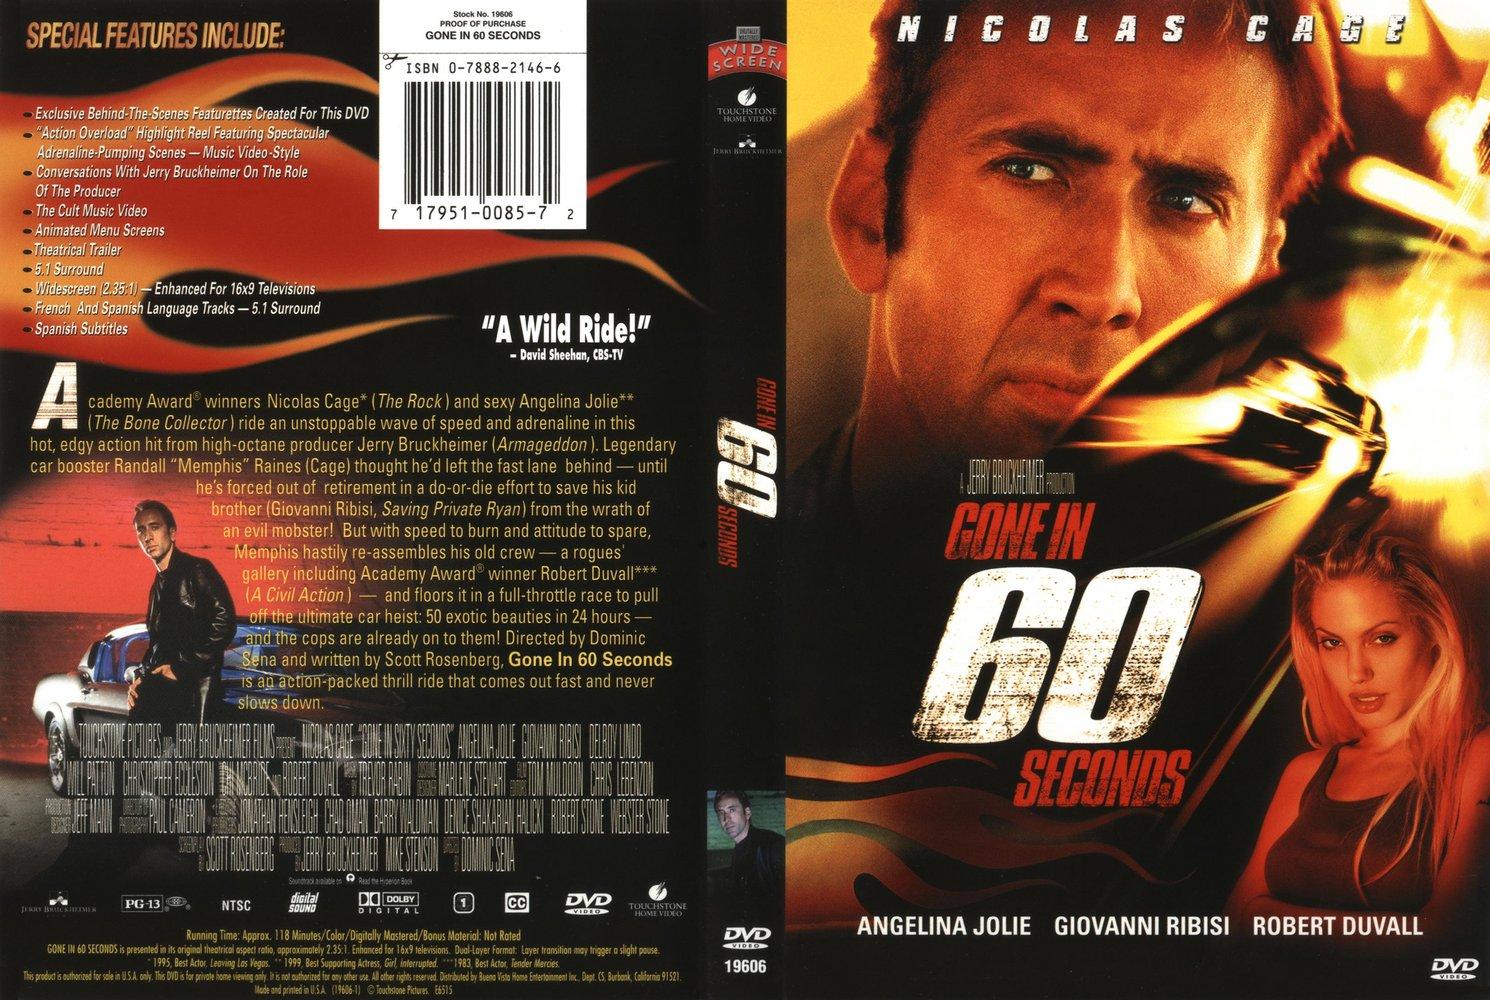 کاور فیلم های Nicolas Cage